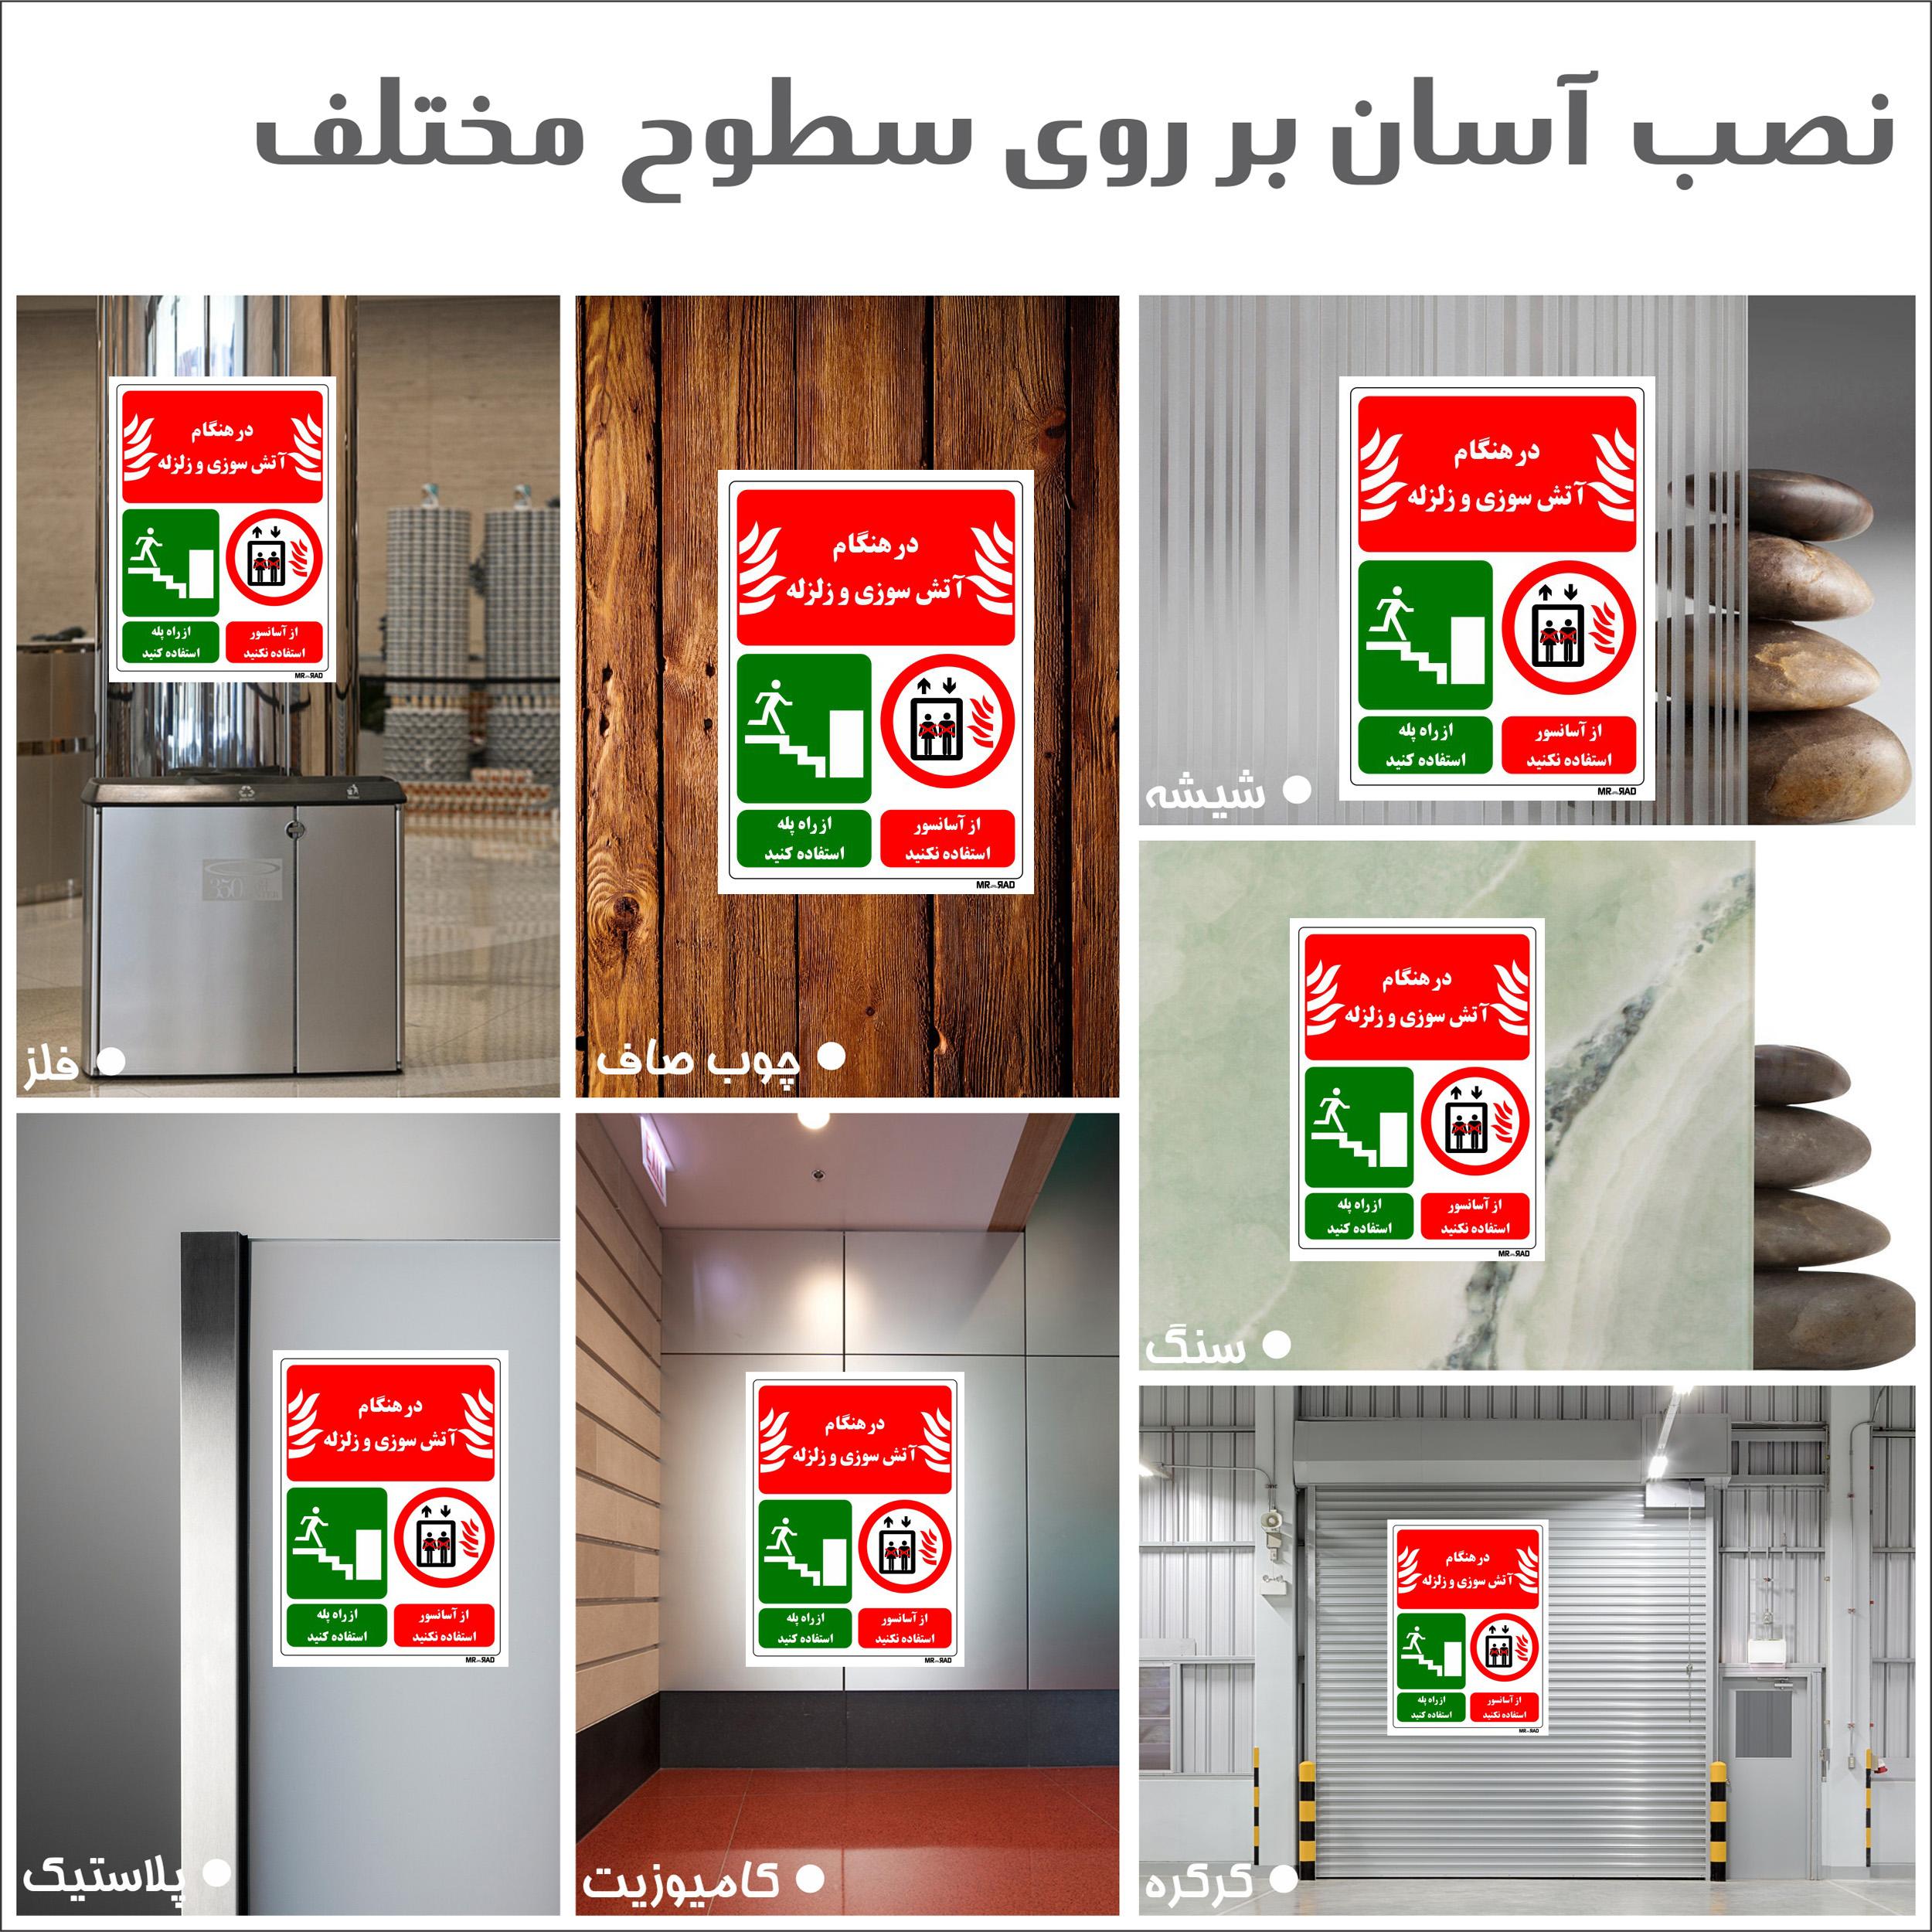 برچسب ایمنی FG طرح ترکیبی هنگام آتش سوزی و زلزله از آسانسور استفاده نکنید از پله استفاده کنید کد HSE022 بسته2عددی